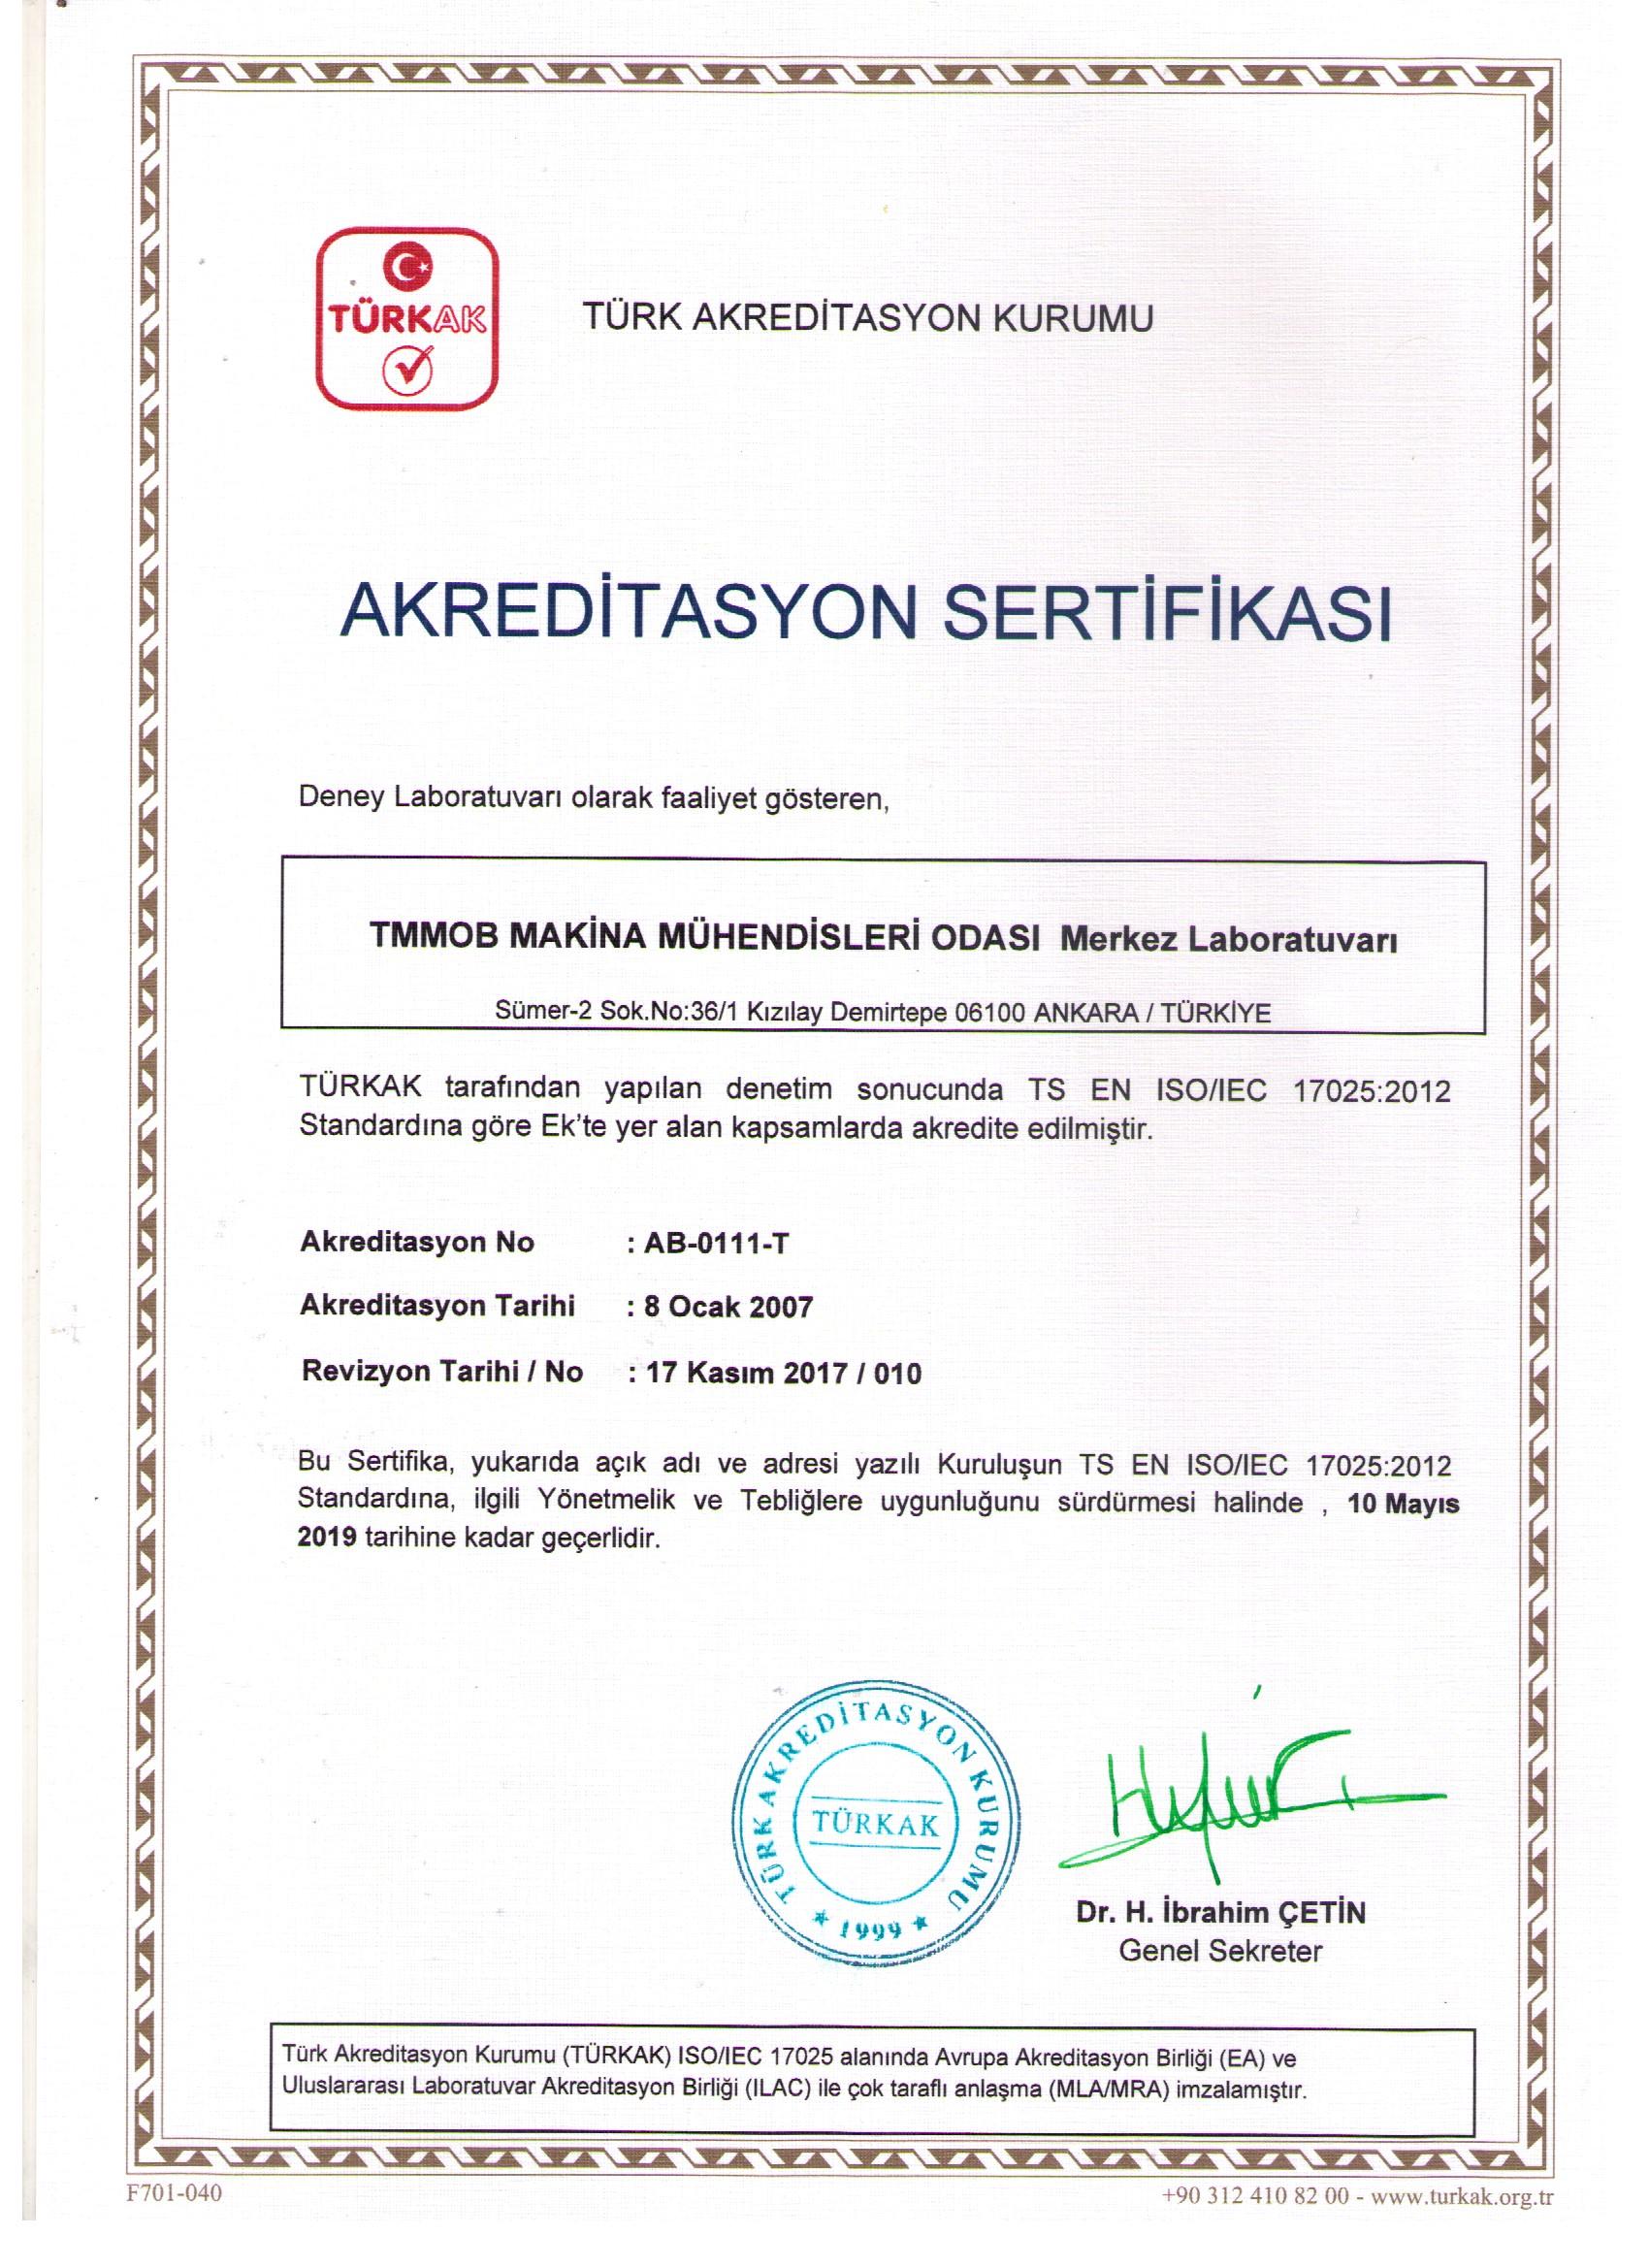 Turkak1